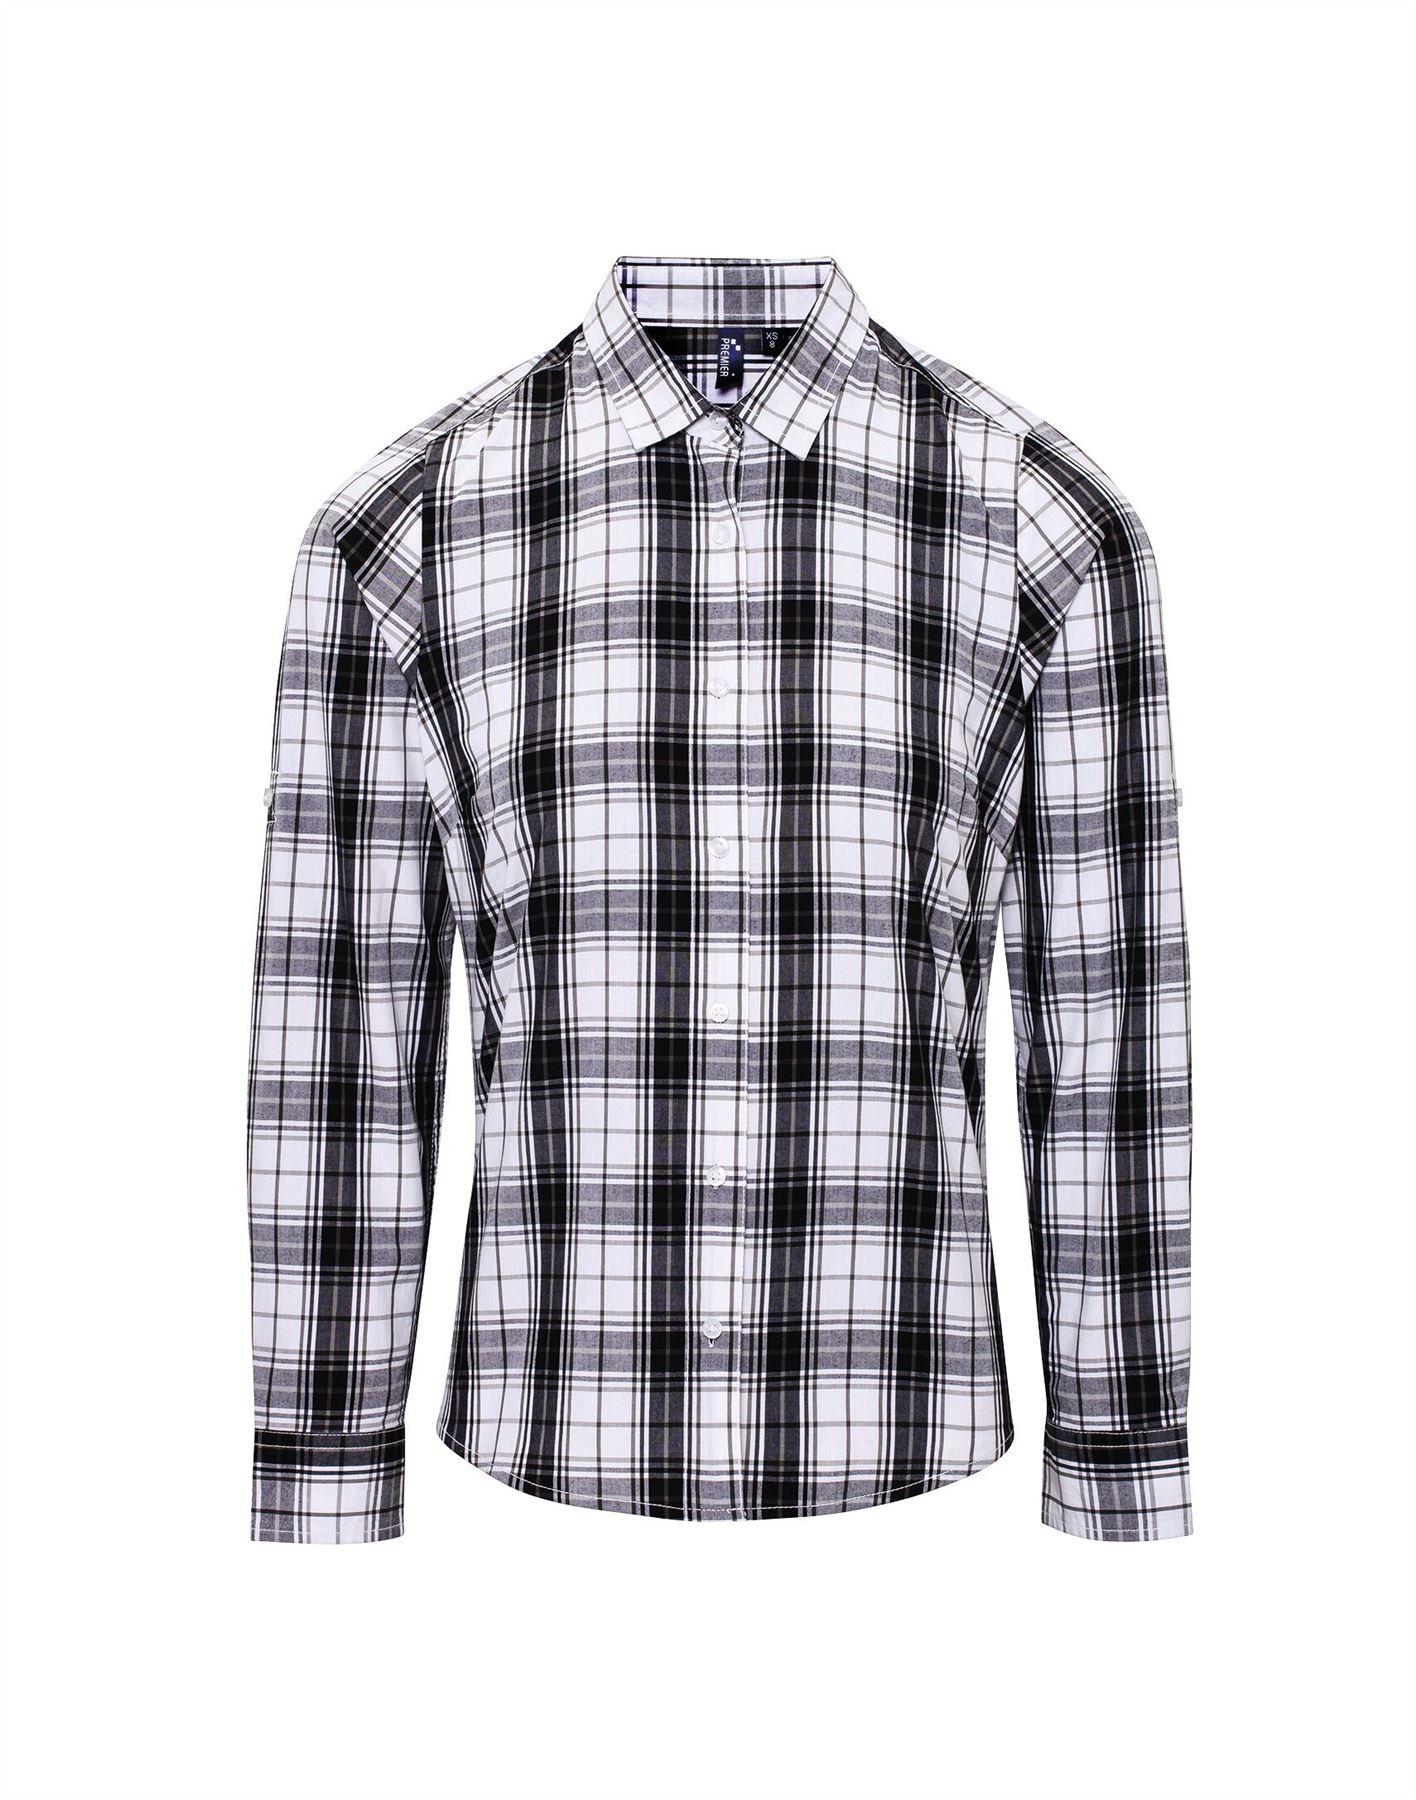 Premier-para-mujer-ginmill-cheque-de-algodon-camisa-de-mangas-largas-Damas-Informal-Estilo-PR354